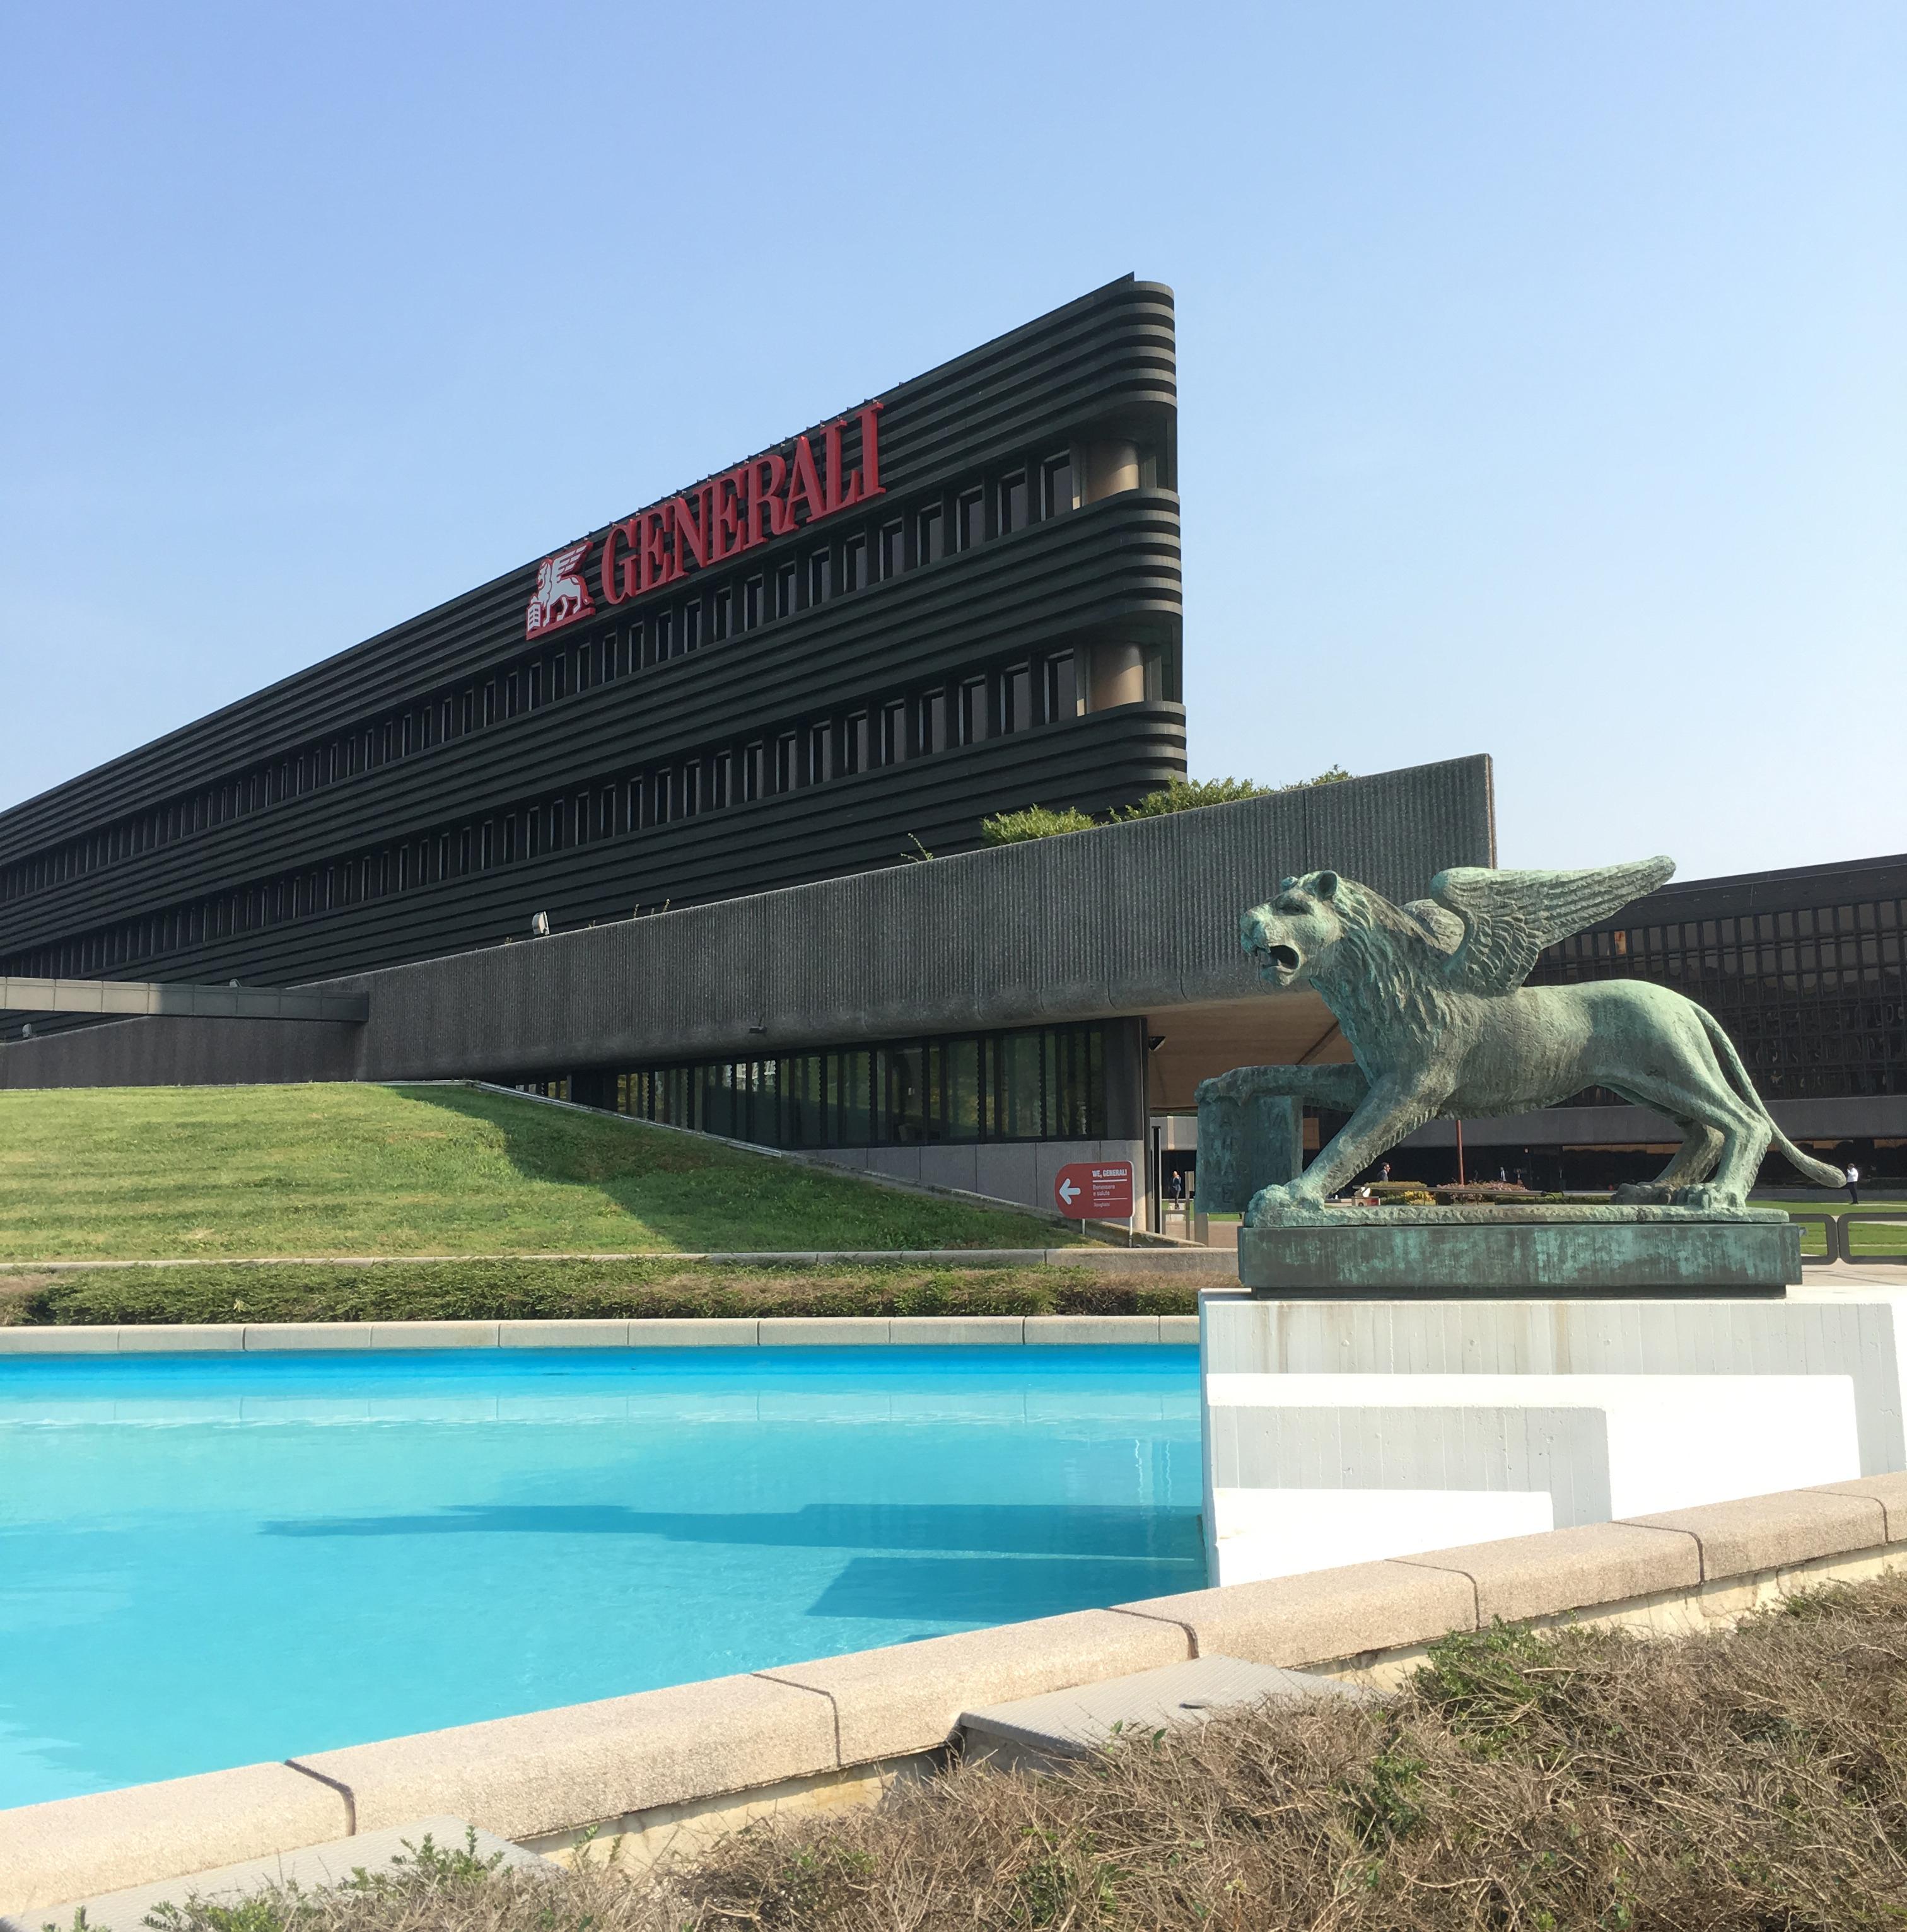 La sede principale di Generali a Mogliano Veneto